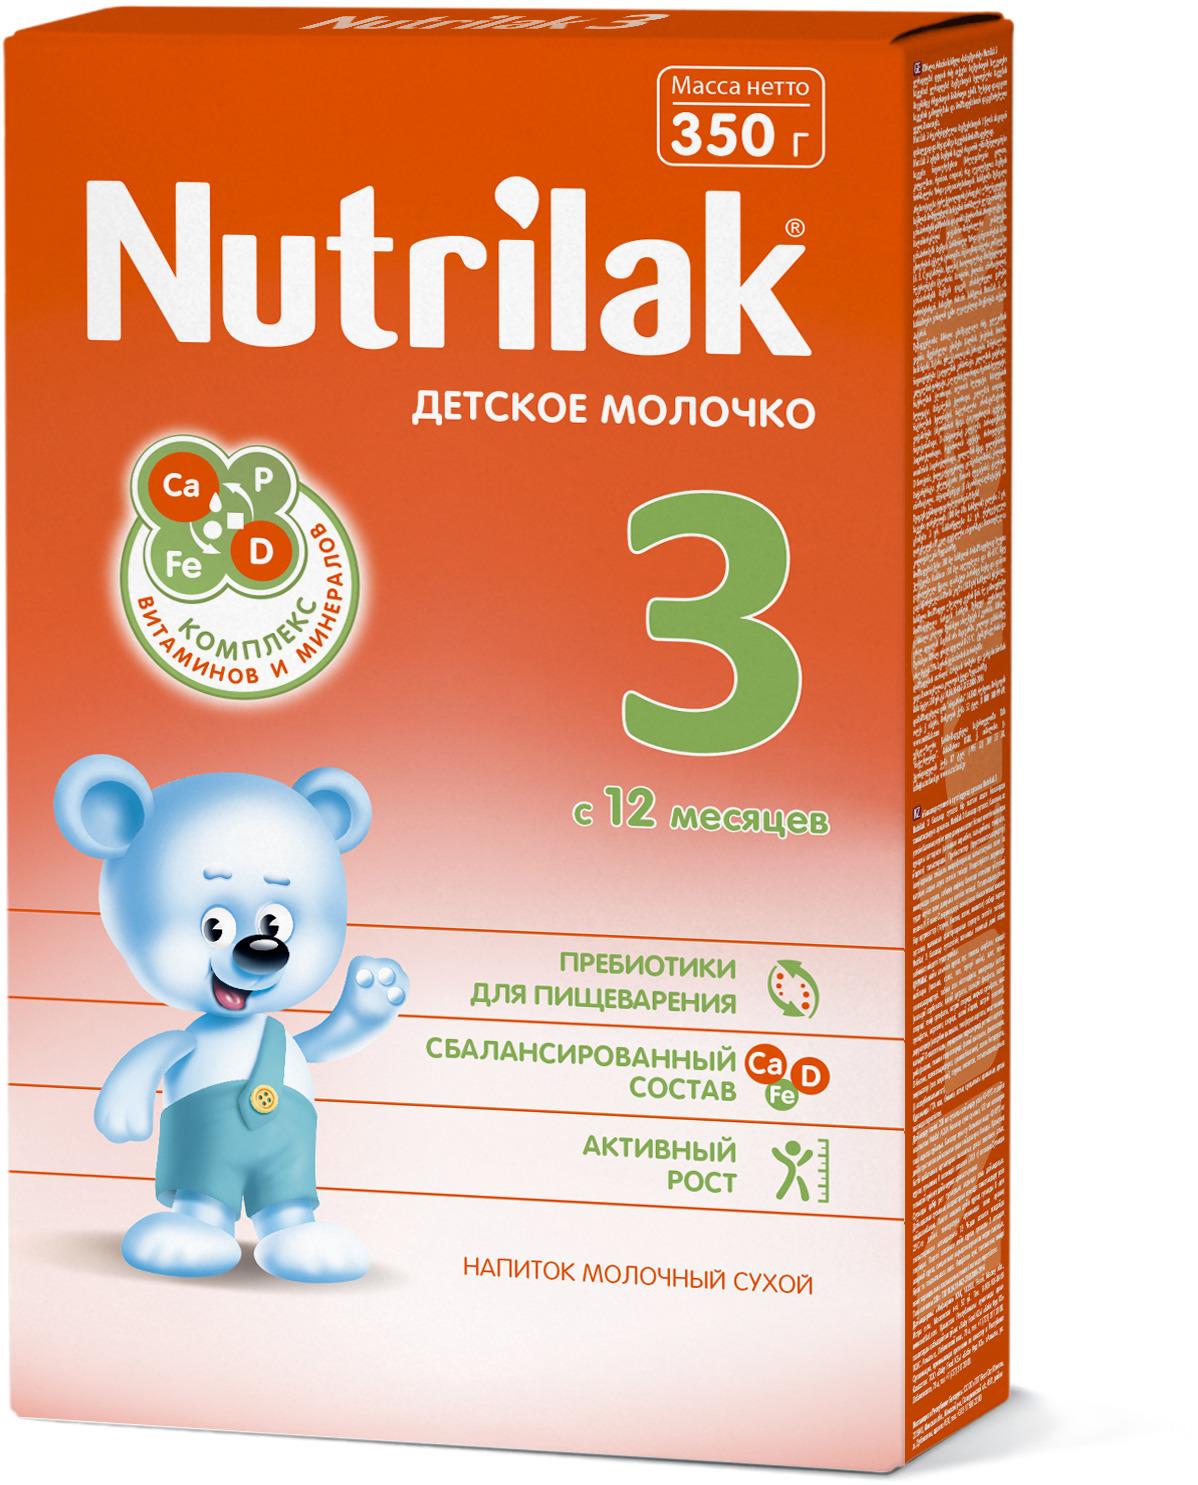 Nutrilak 3 молочко детское с 12 месяцев, 350 г